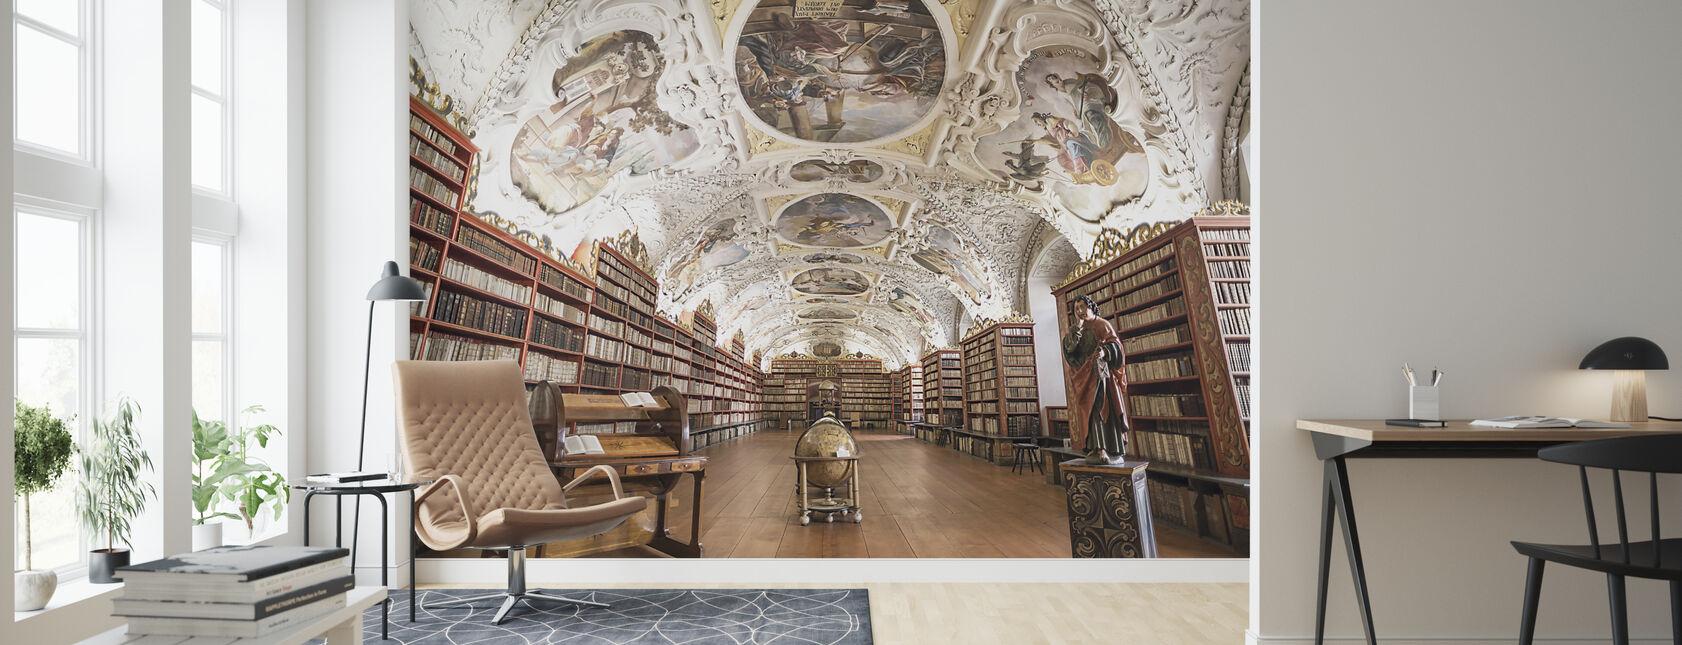 Luostarin kirjasto - Tapetti - Olohuone